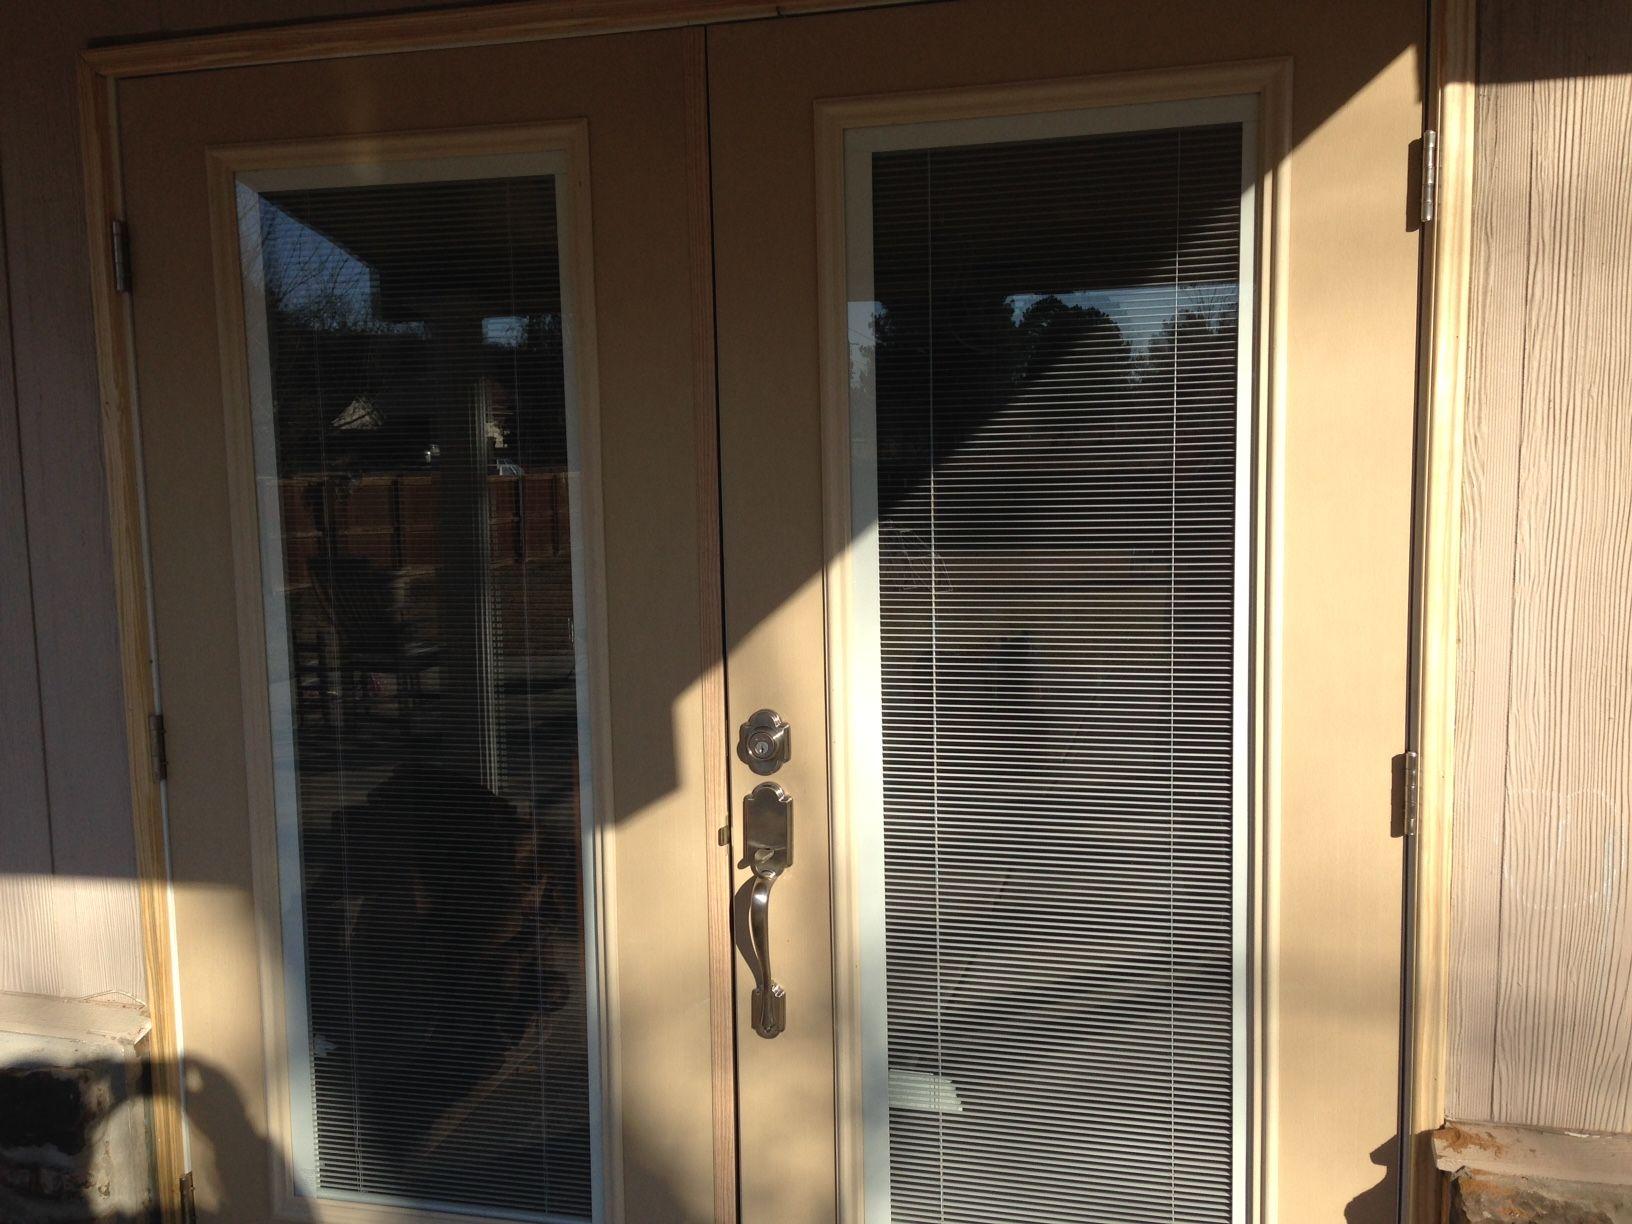 New ThermaTru energy efficient door